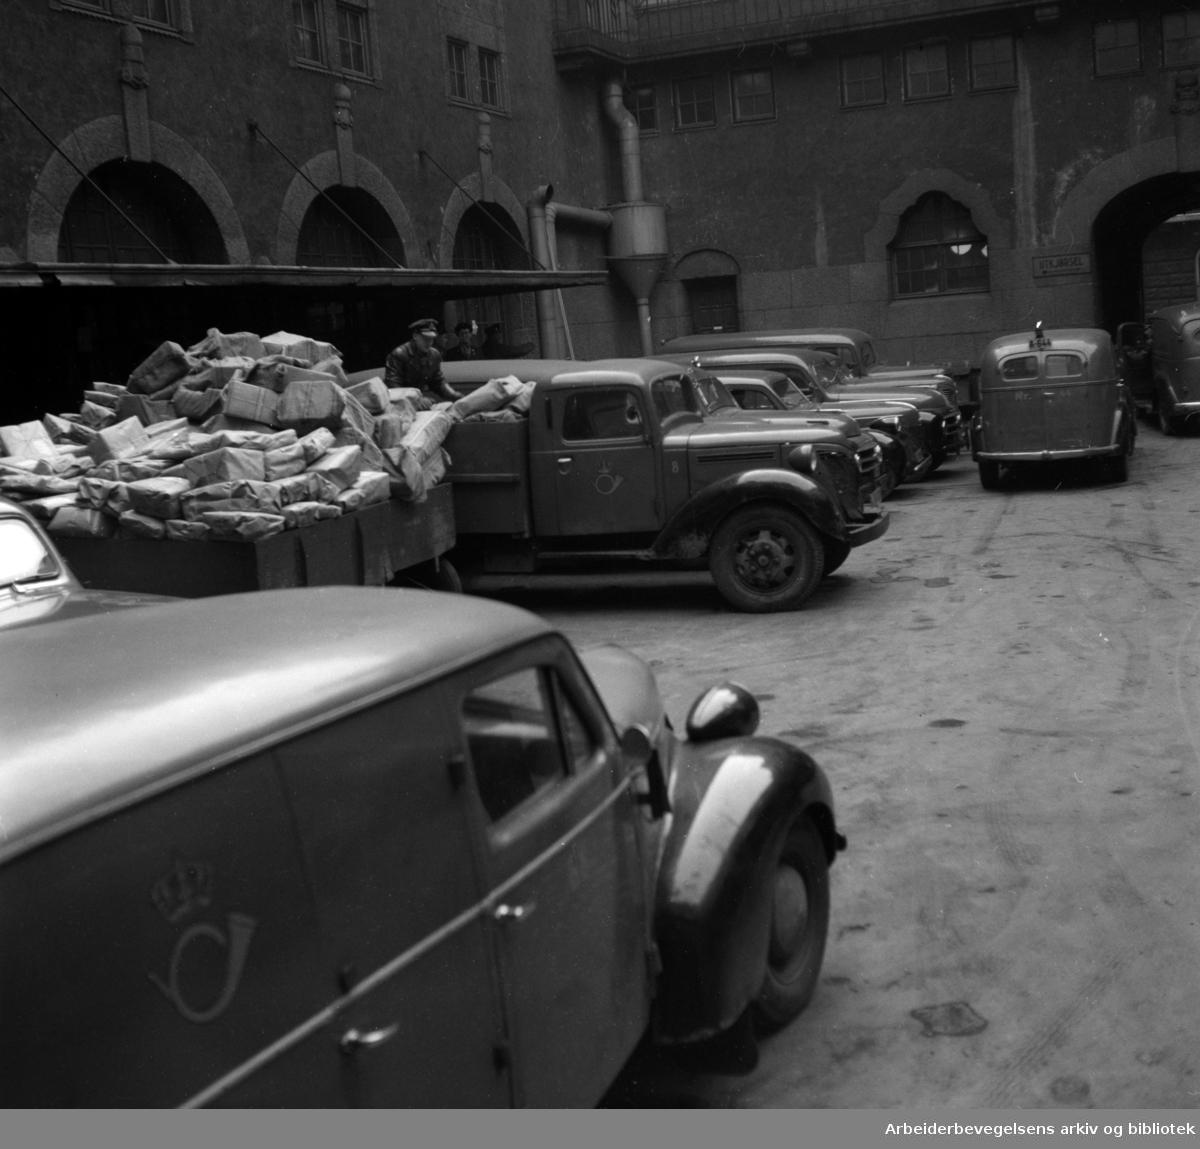 Posthuset. Februar 1954